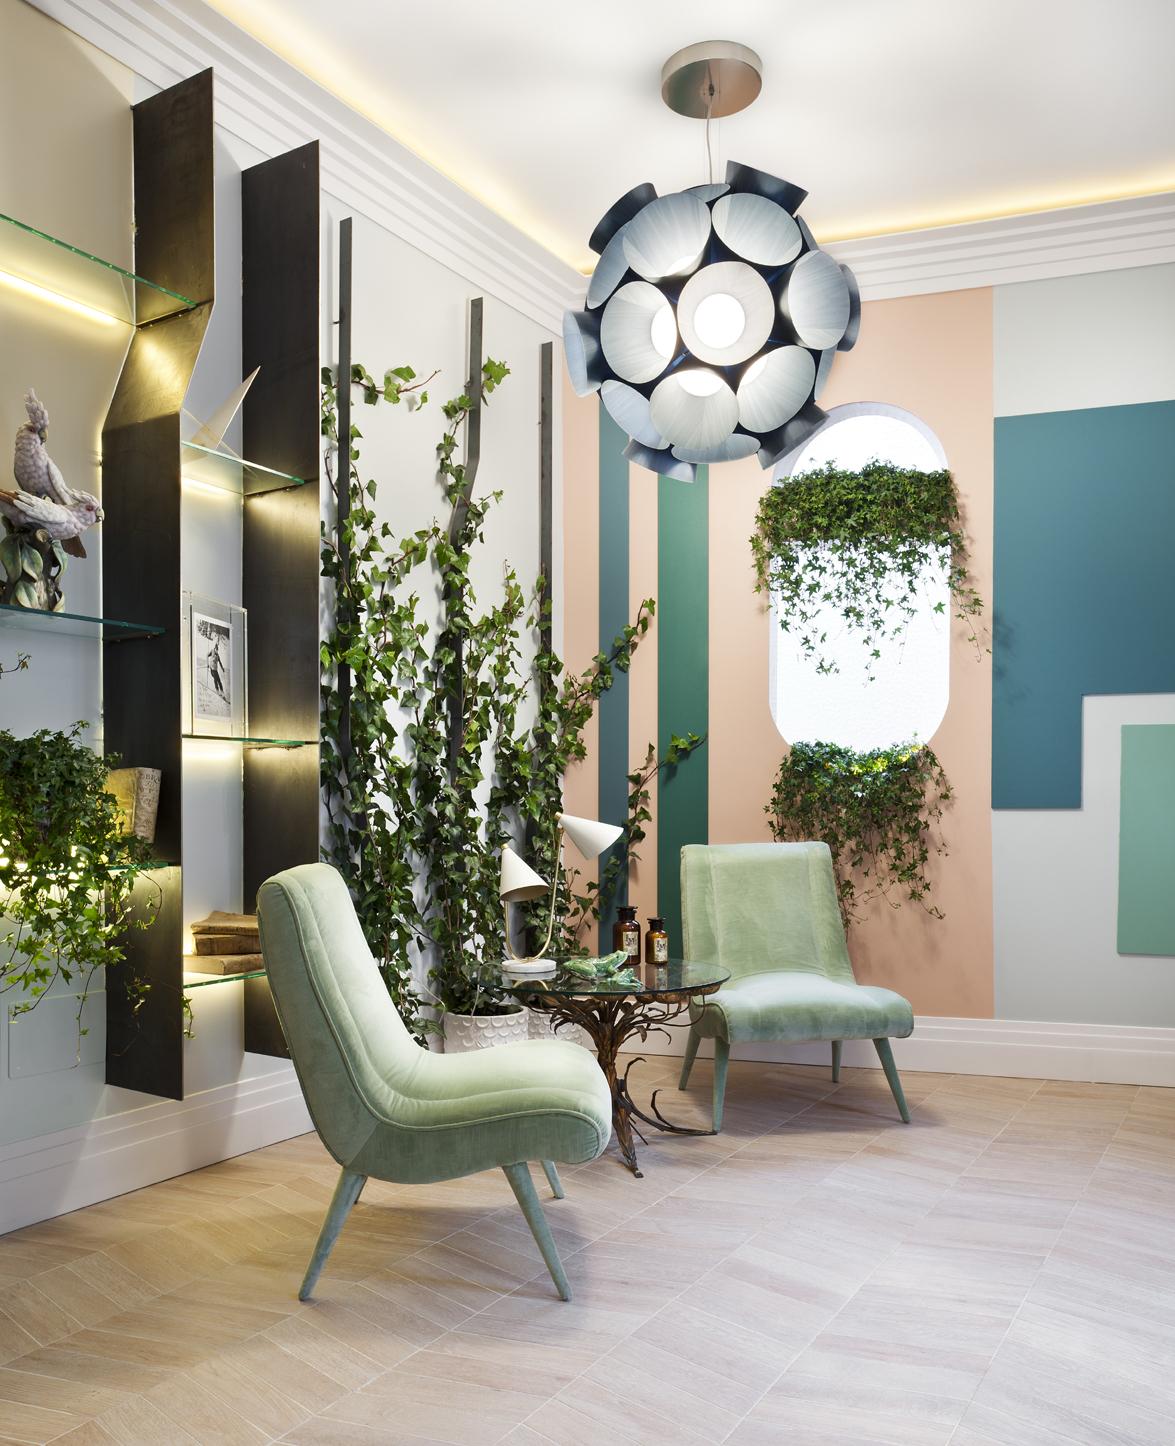 Casa decor madrid 2018 abre sus puertas la pasarela de la for Decoracion interiores 2018